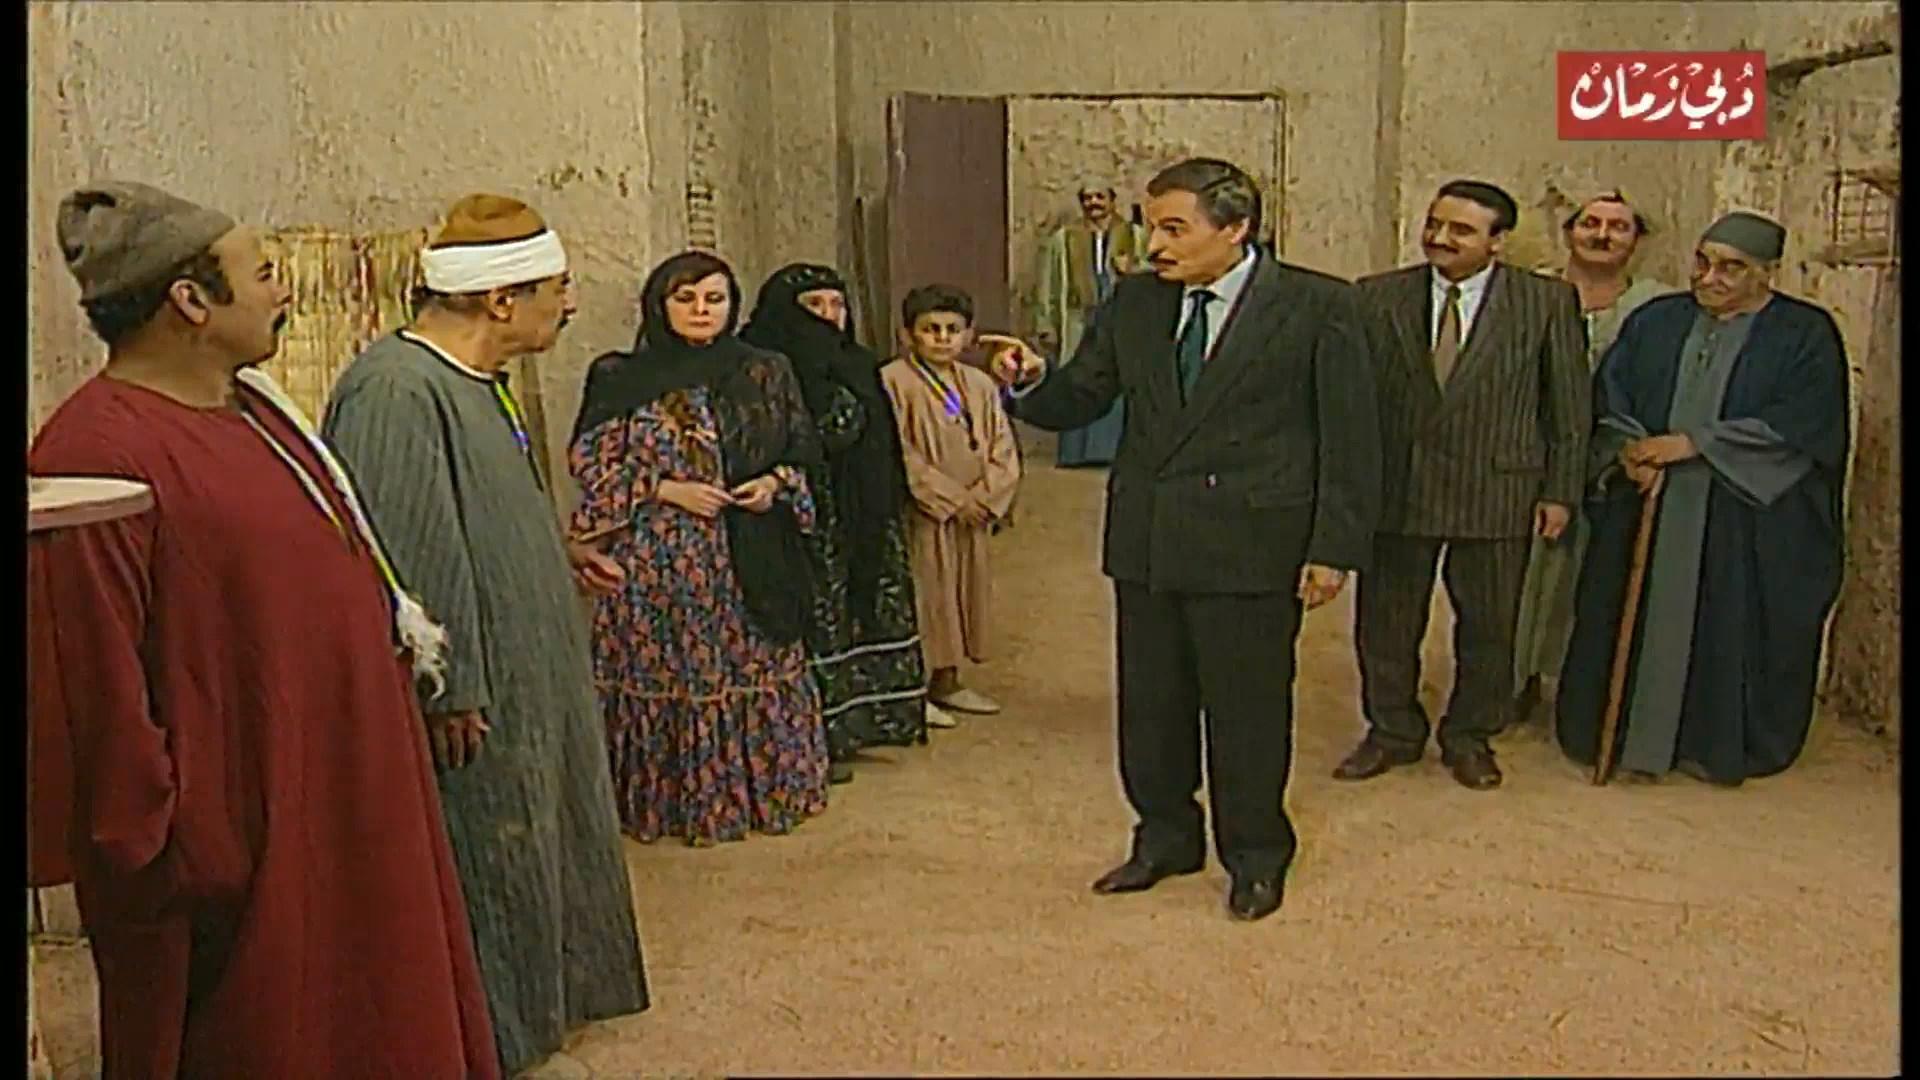 مسلسل الفدان الأخير (1992) 1080p تحميل تورنت 8 arabp2p.com